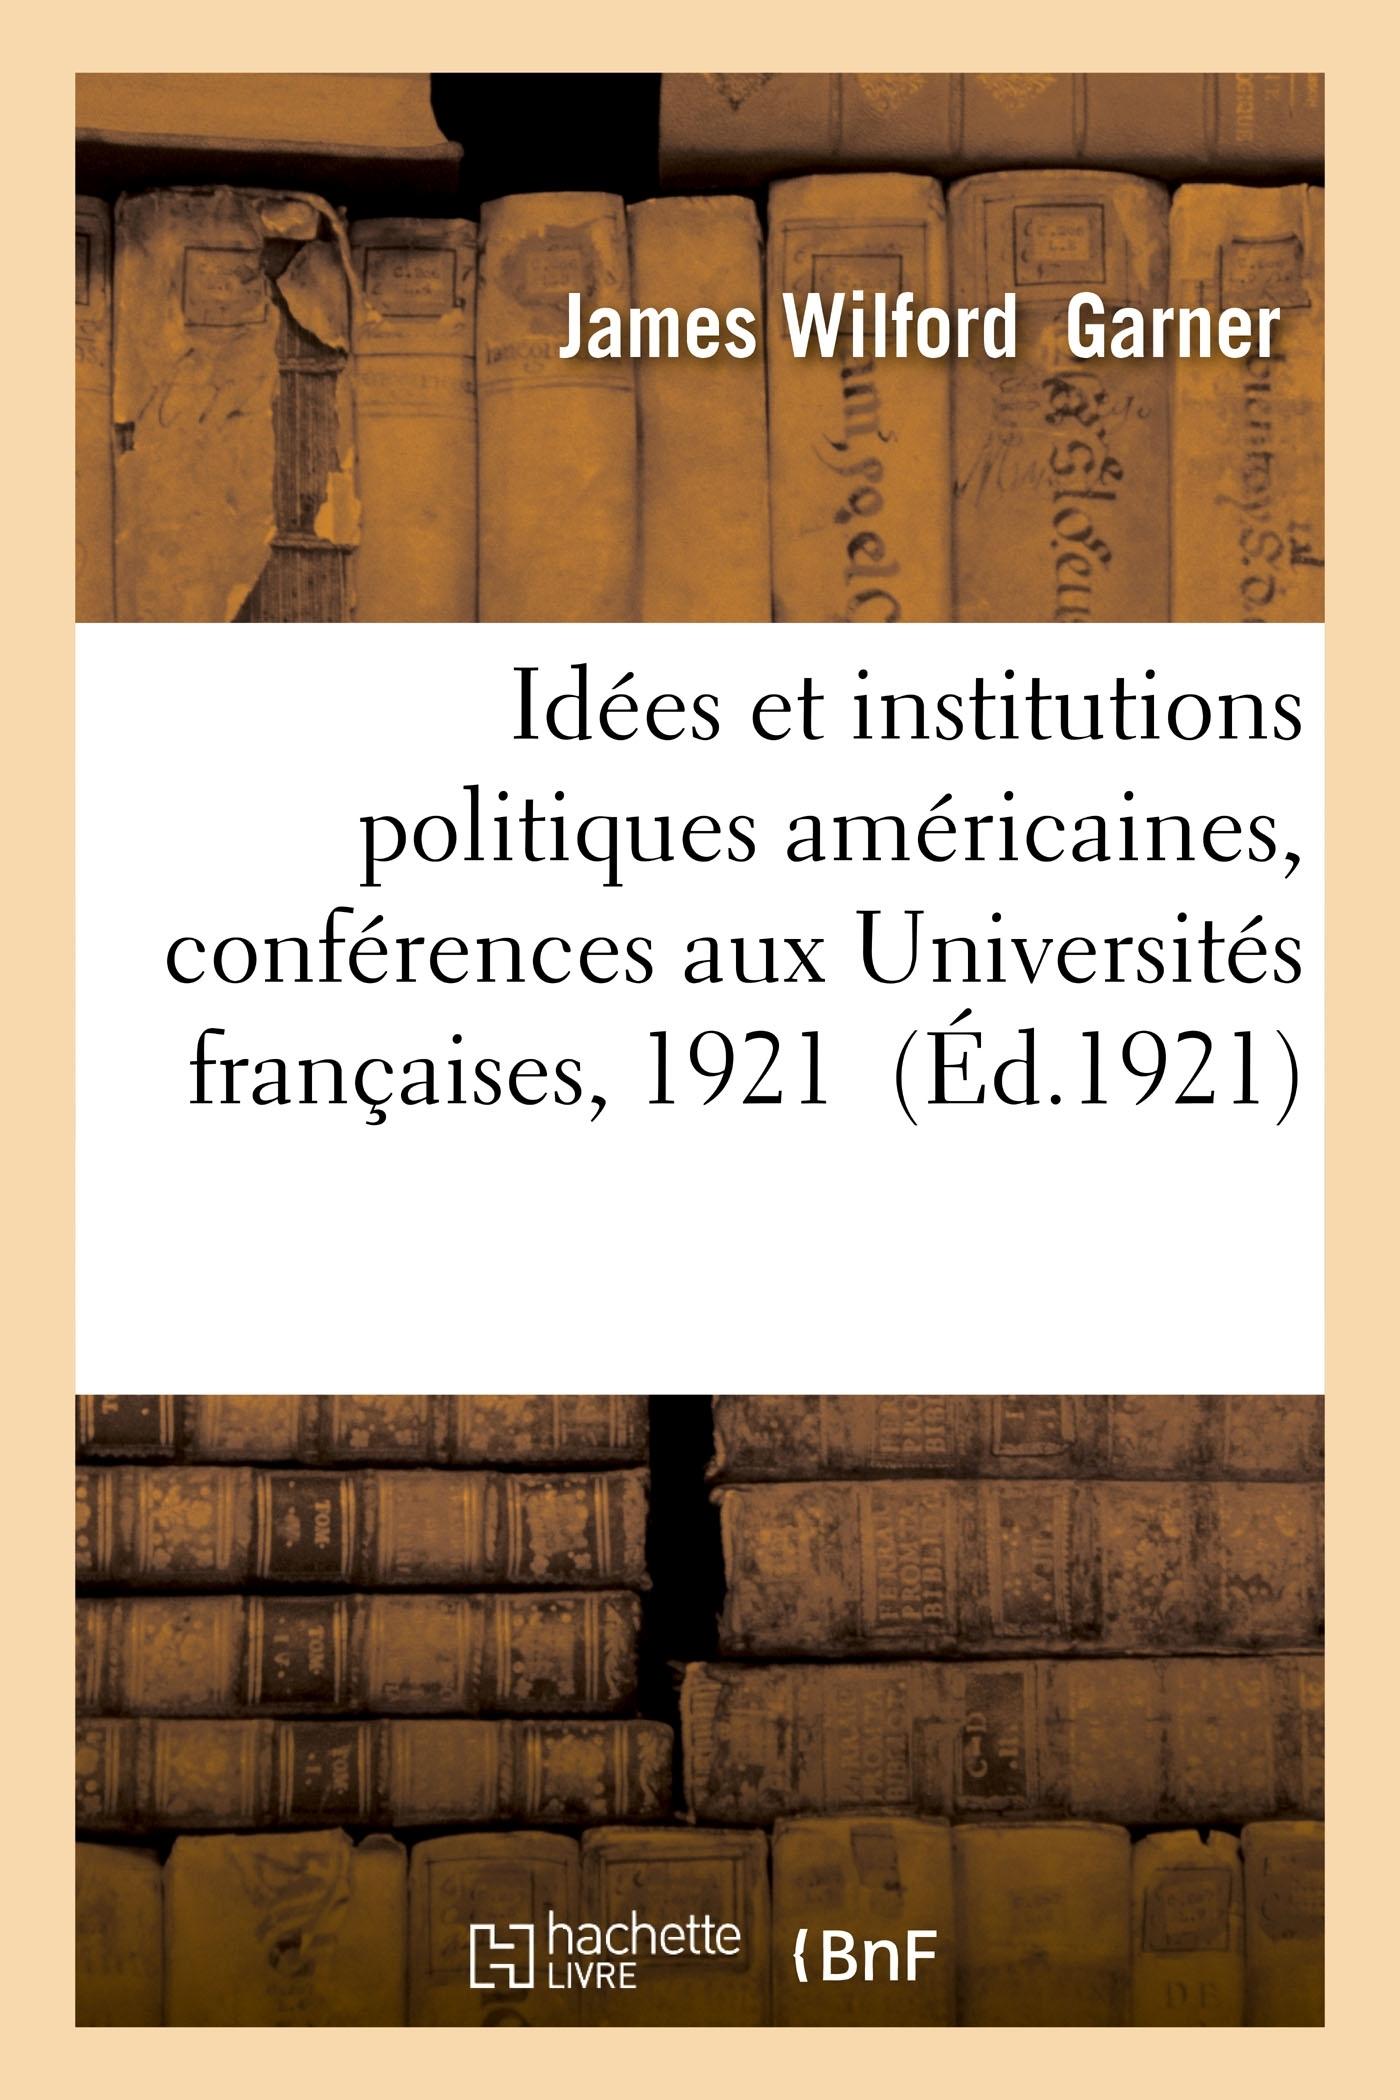 IDEES ET INSTITUTIONS POLITIQUES AMERICAINES, CONFERENCES - CERCLE FRANCAIS DE L'UNIVERSITE HARVARD,